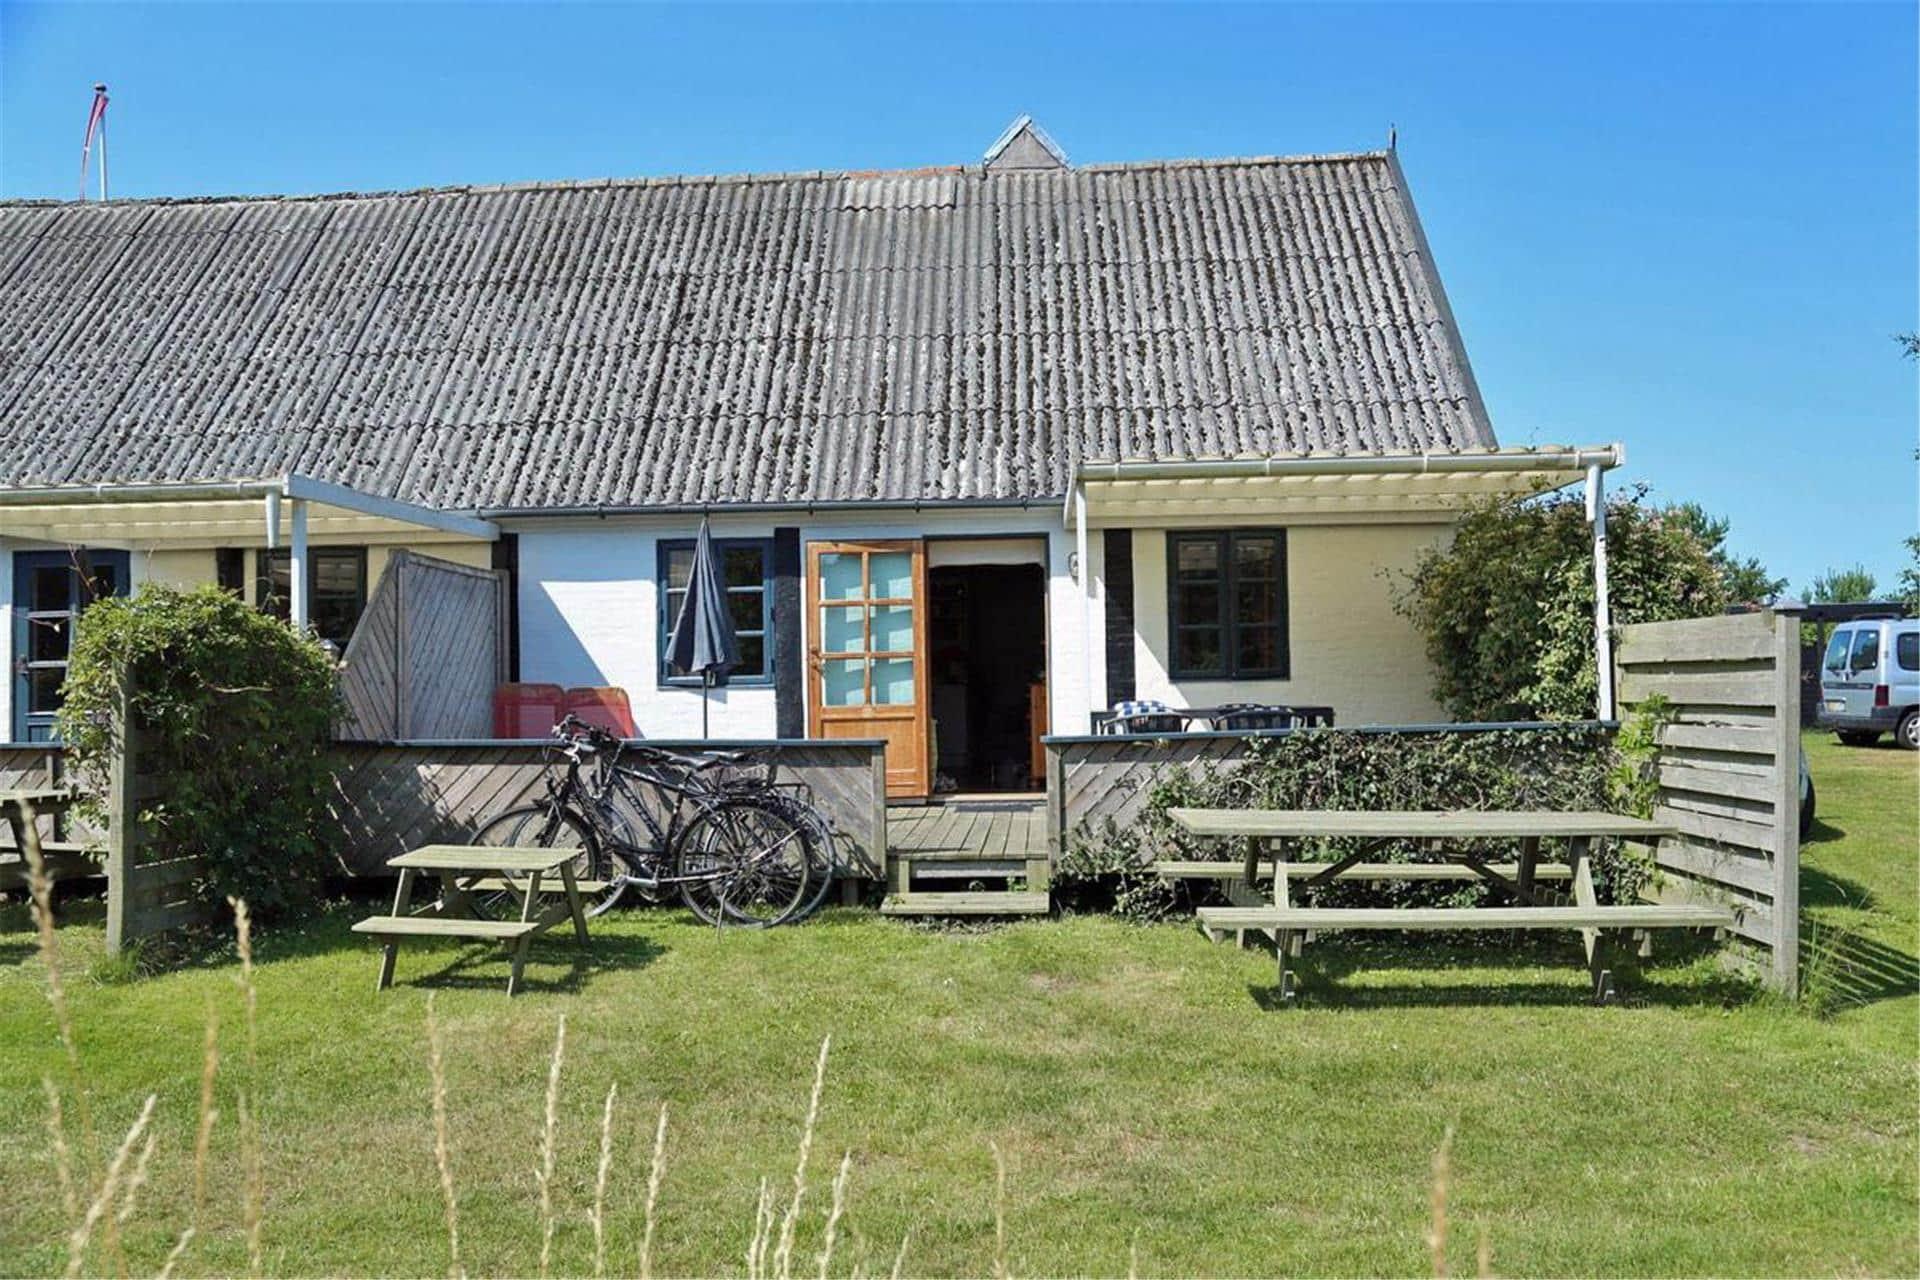 Billede 1-10 Sommerhus 3650, Søndre Mosevej 29, DK - 3730 Nexø